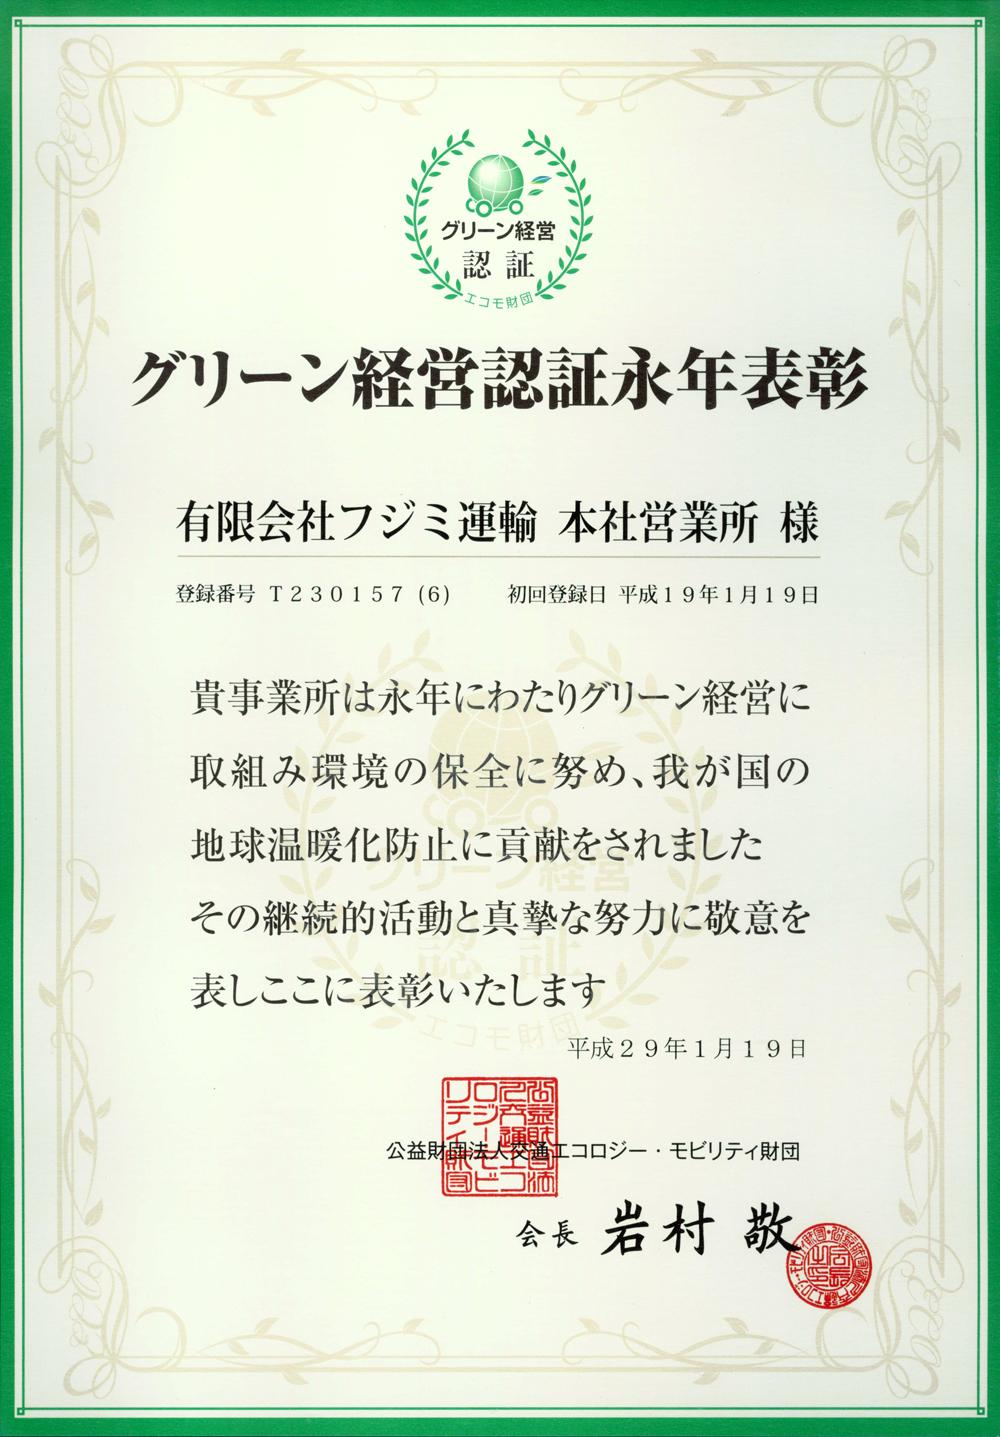 グリーン経営認証を取得